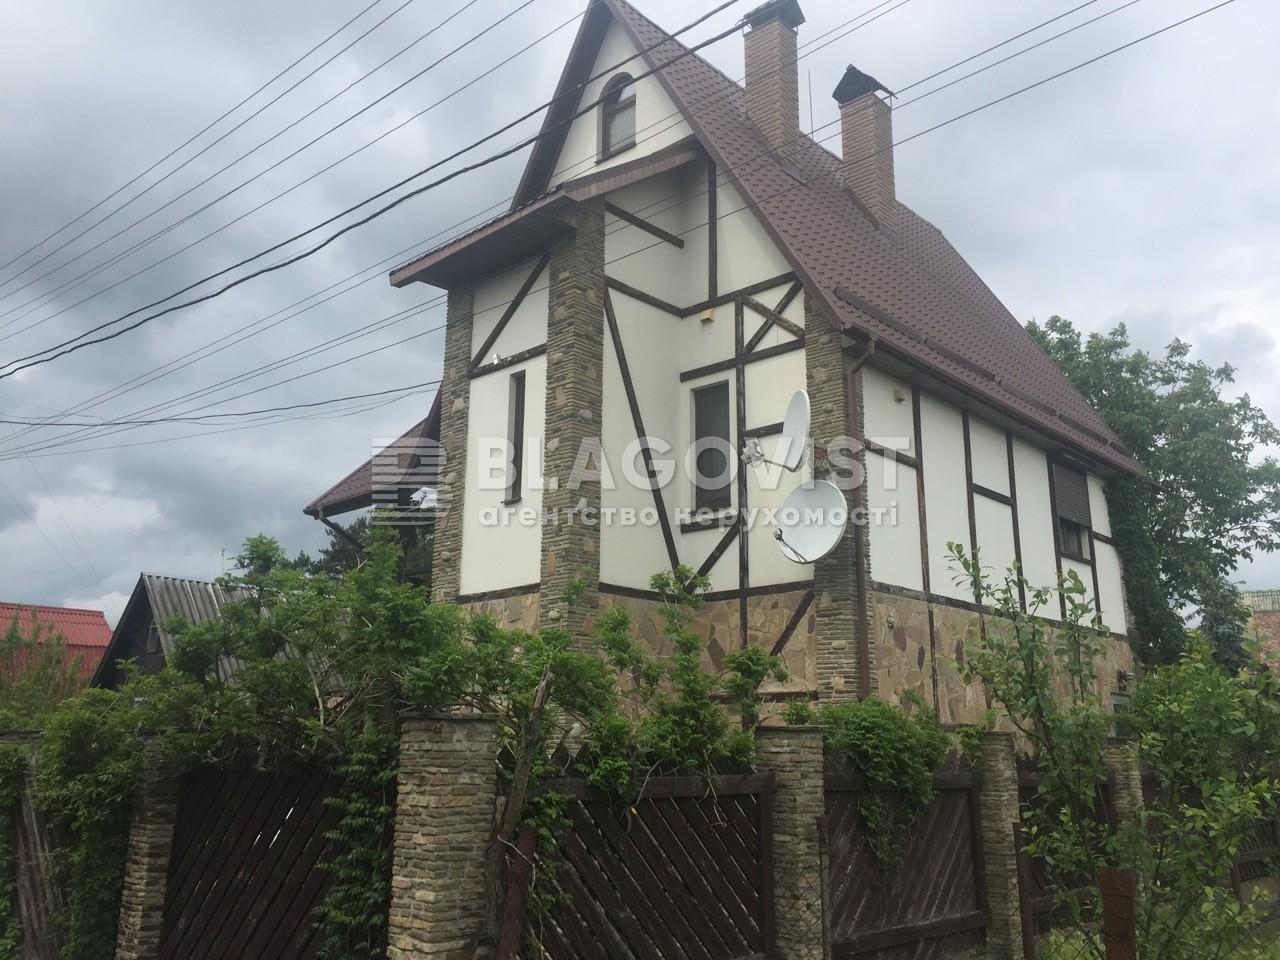 Дом R-39787, Озерная, Подгорцы - Фото 1